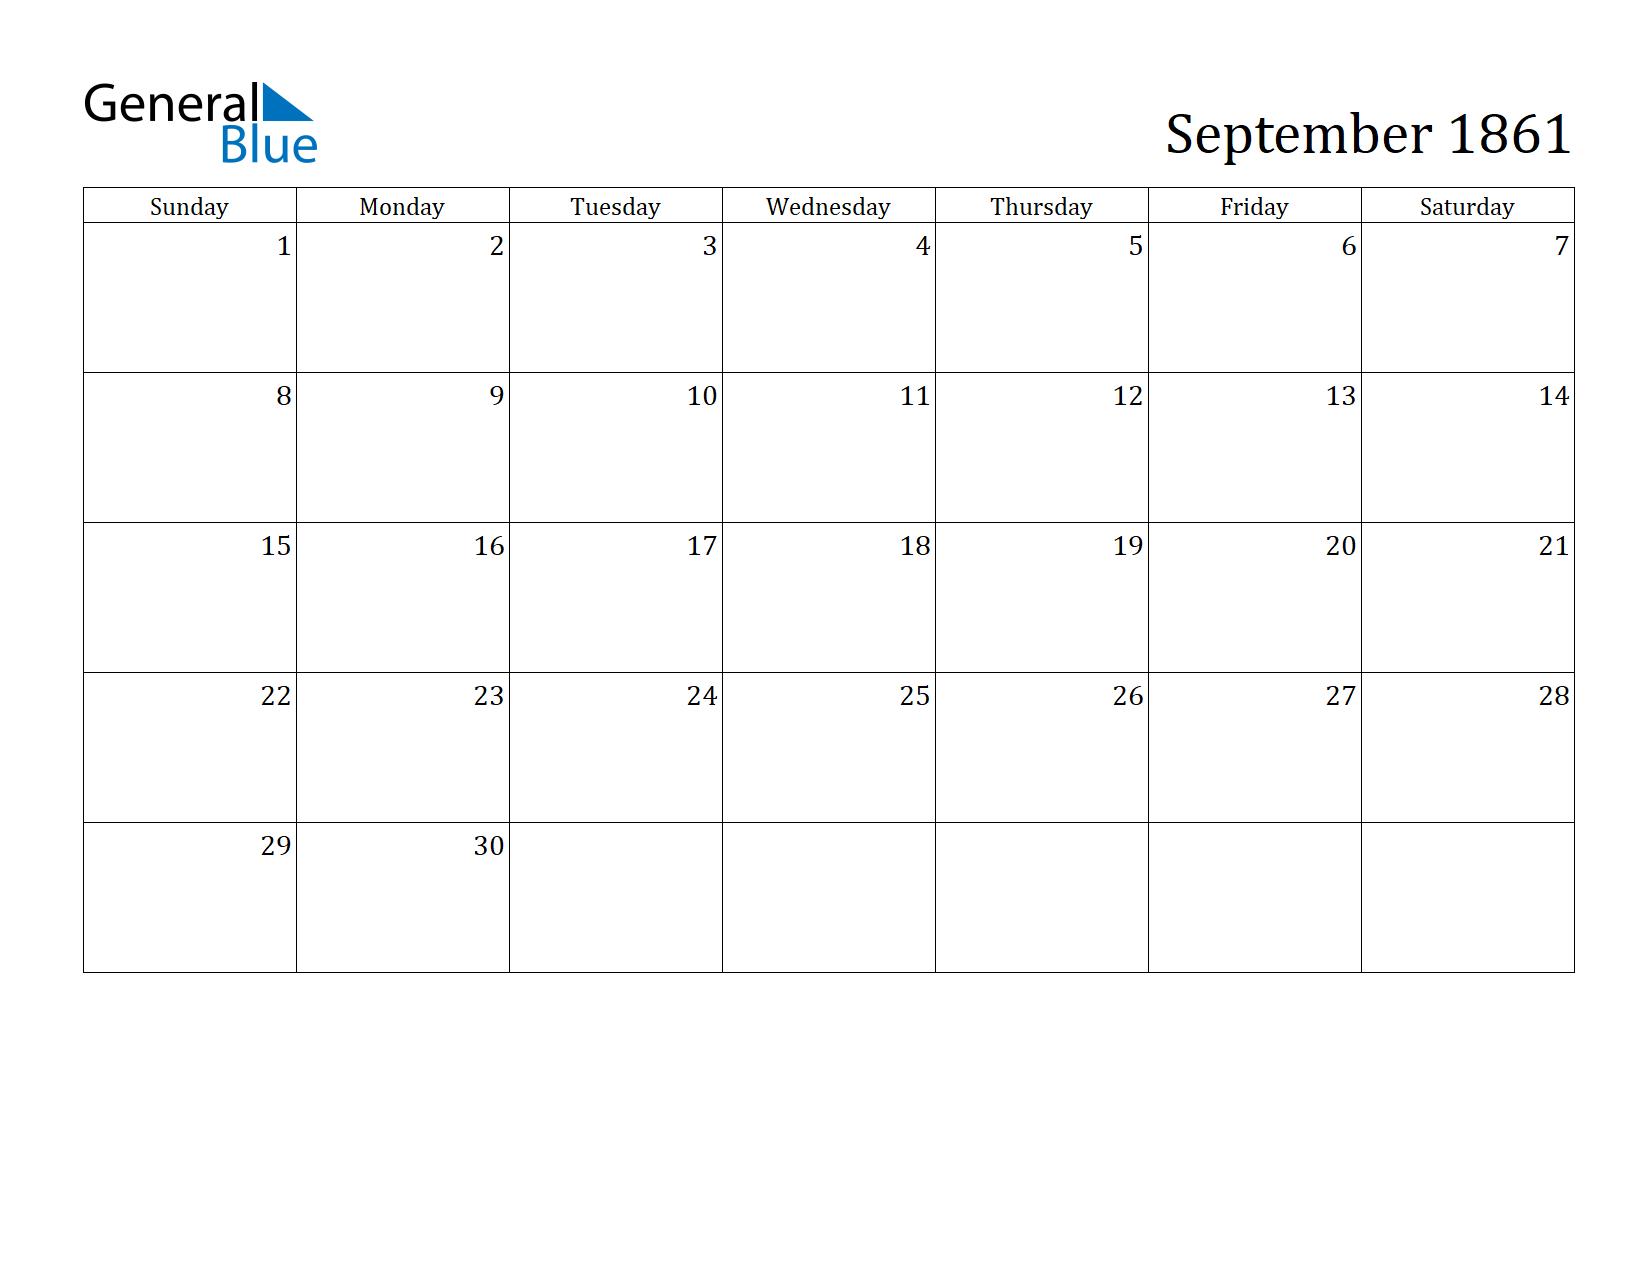 Image of September 1861 Calendar